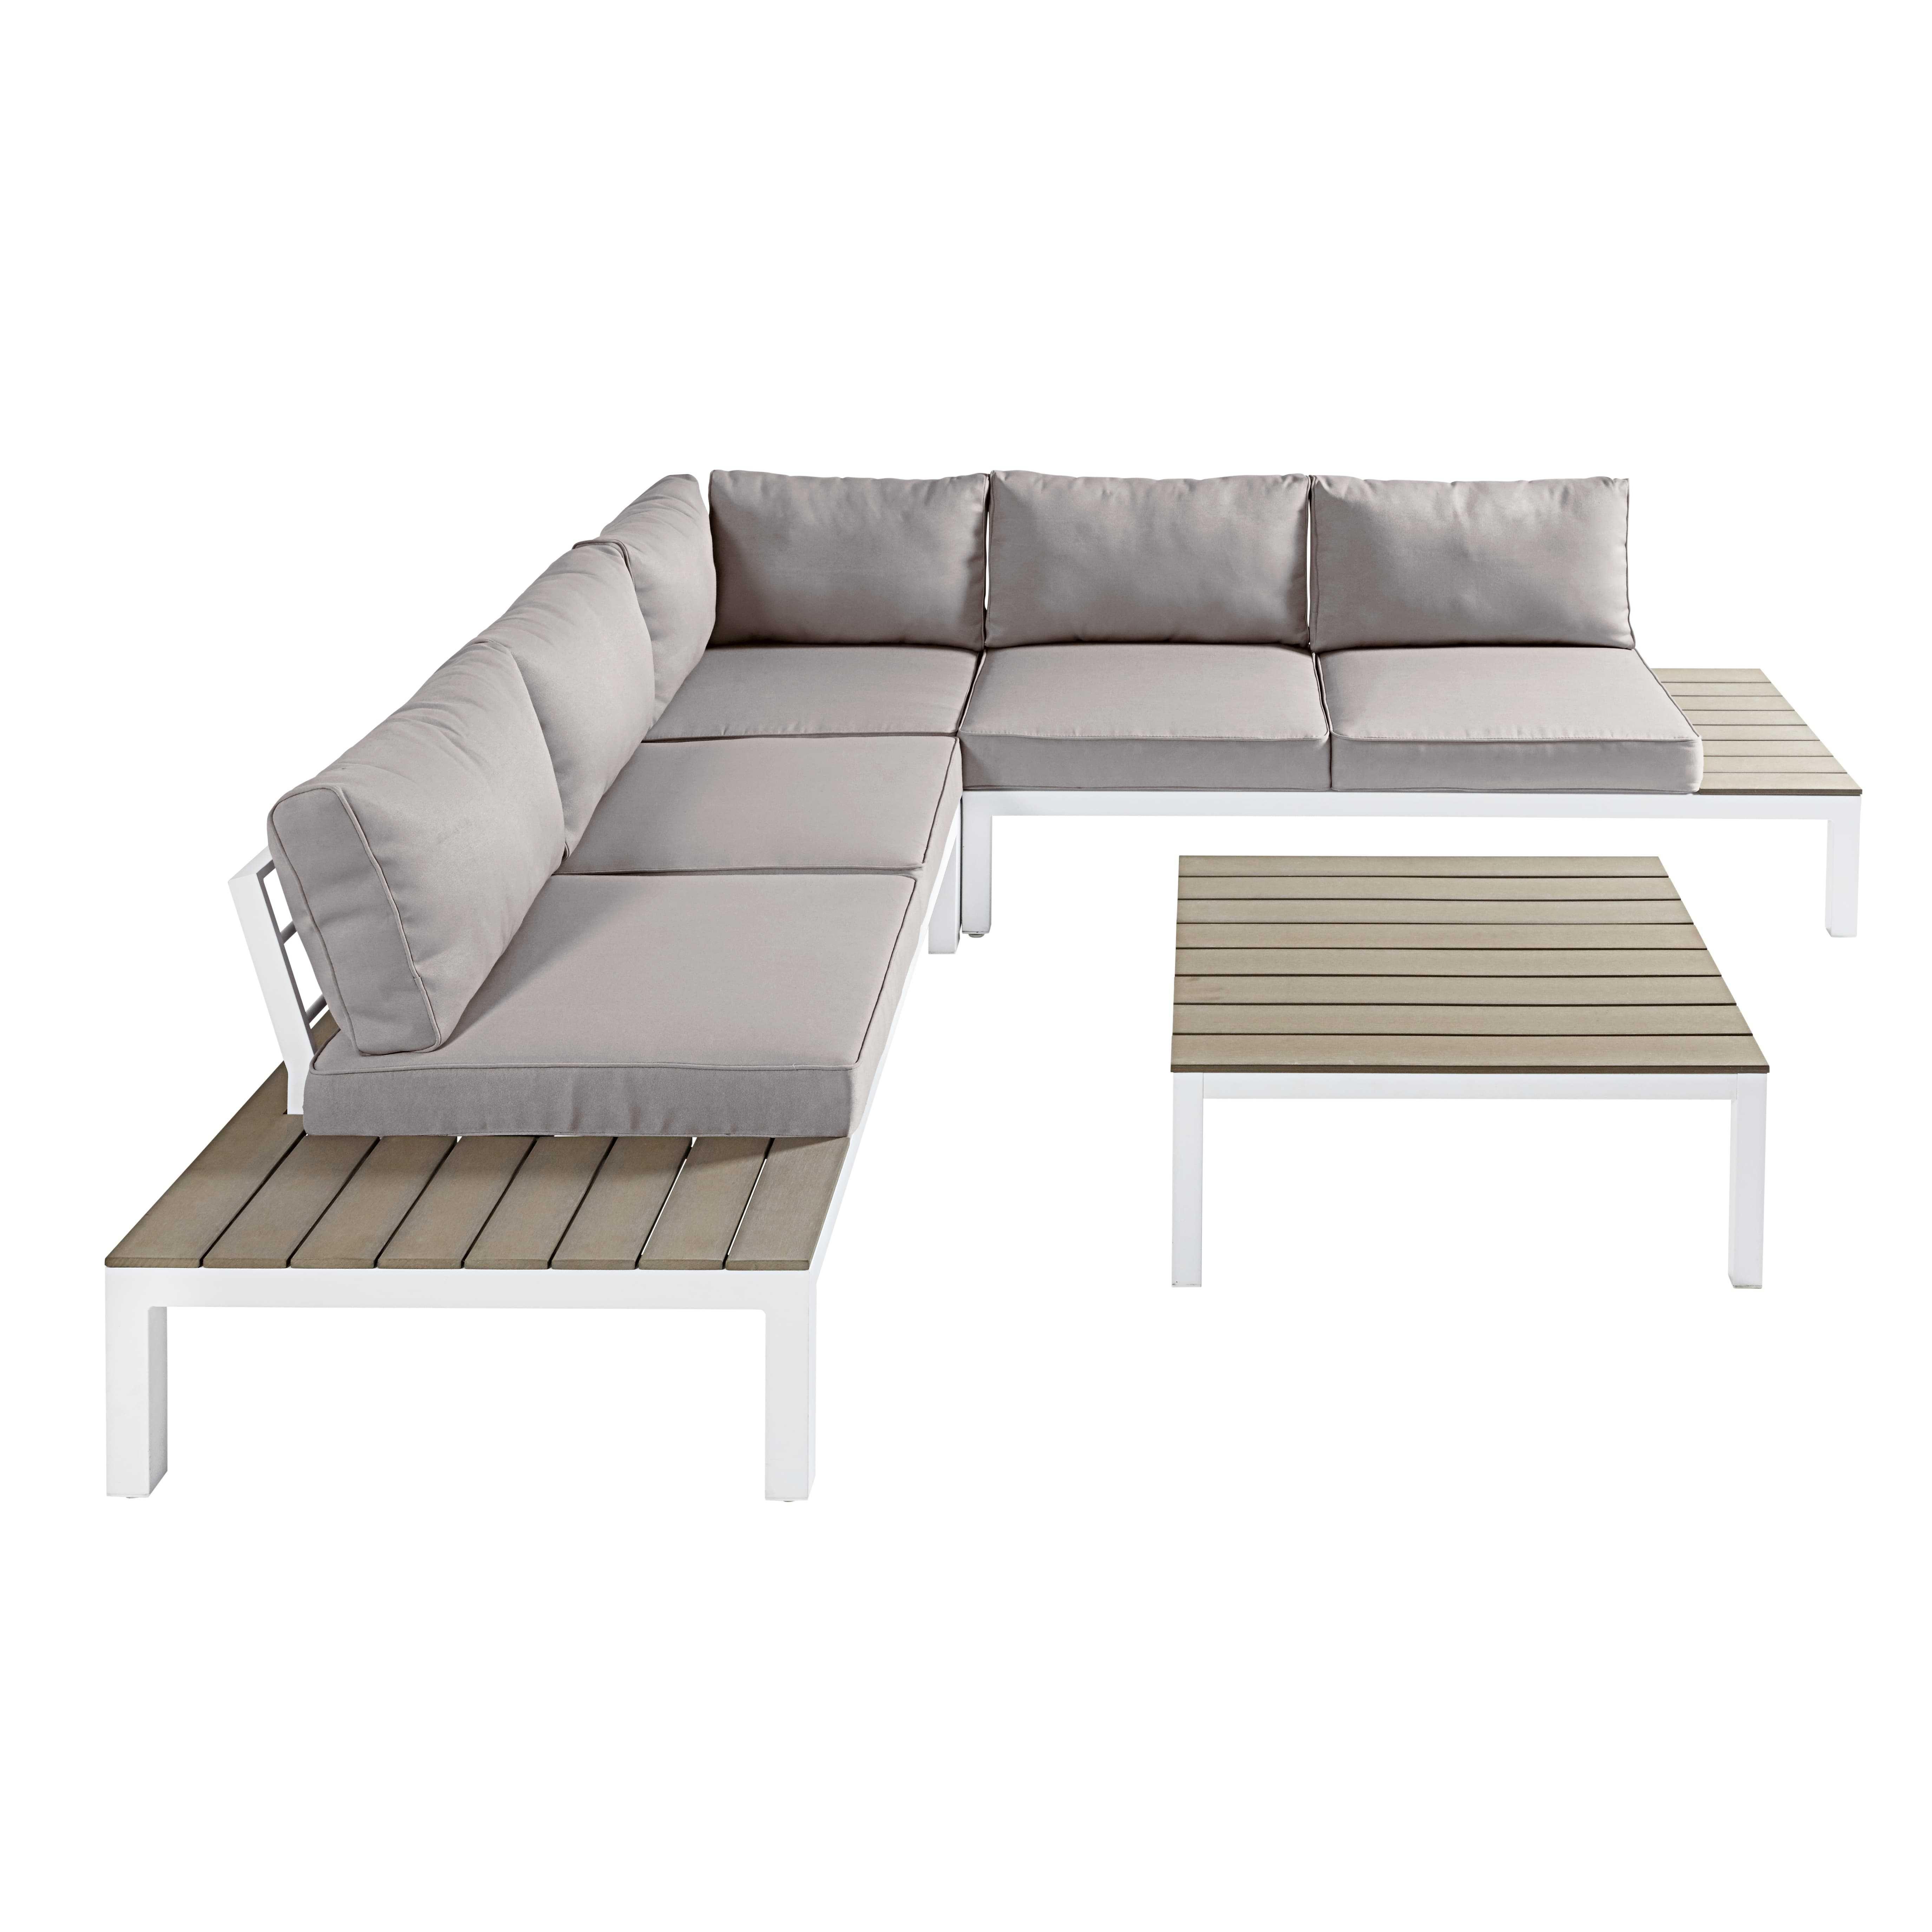 Salon De Jardin Places En Composite Aluminium Blanc Et